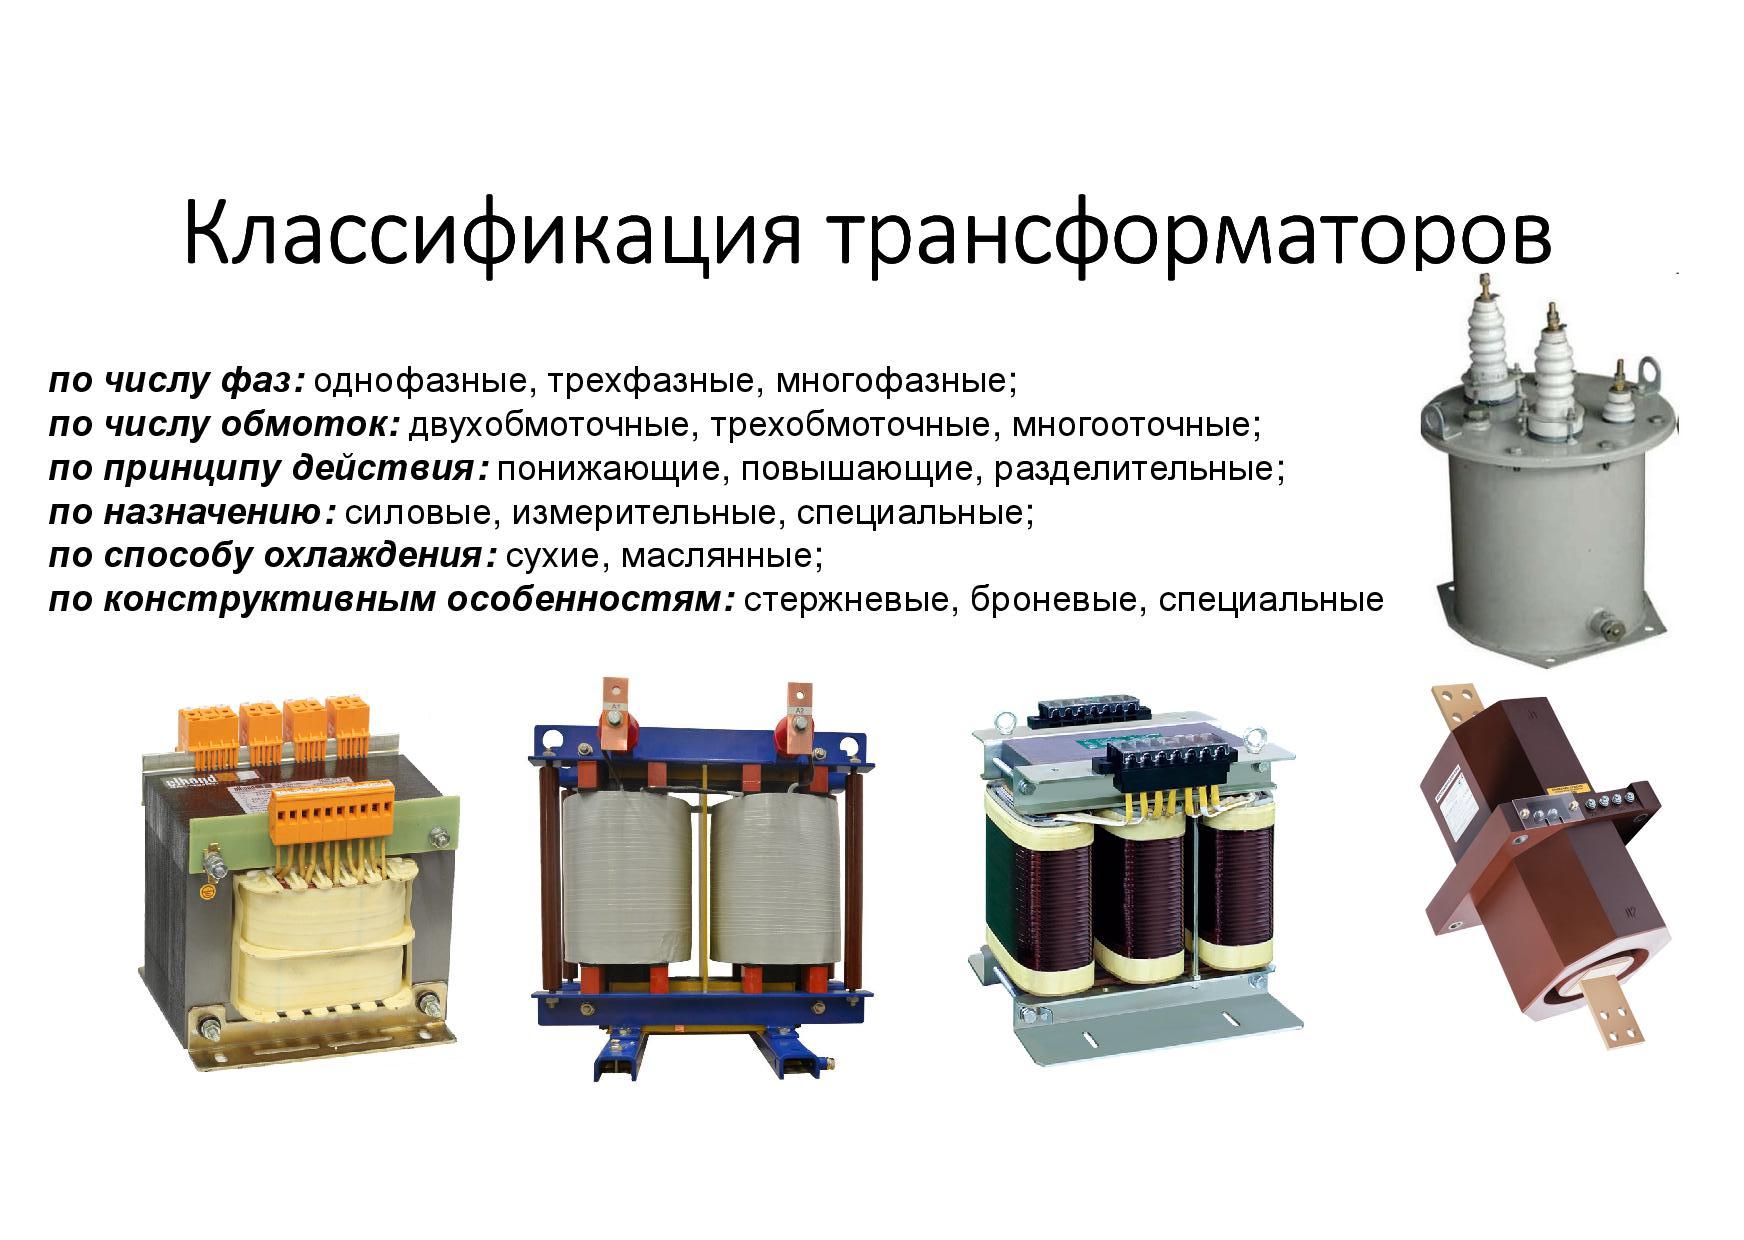 Трансформатор — виды и применение